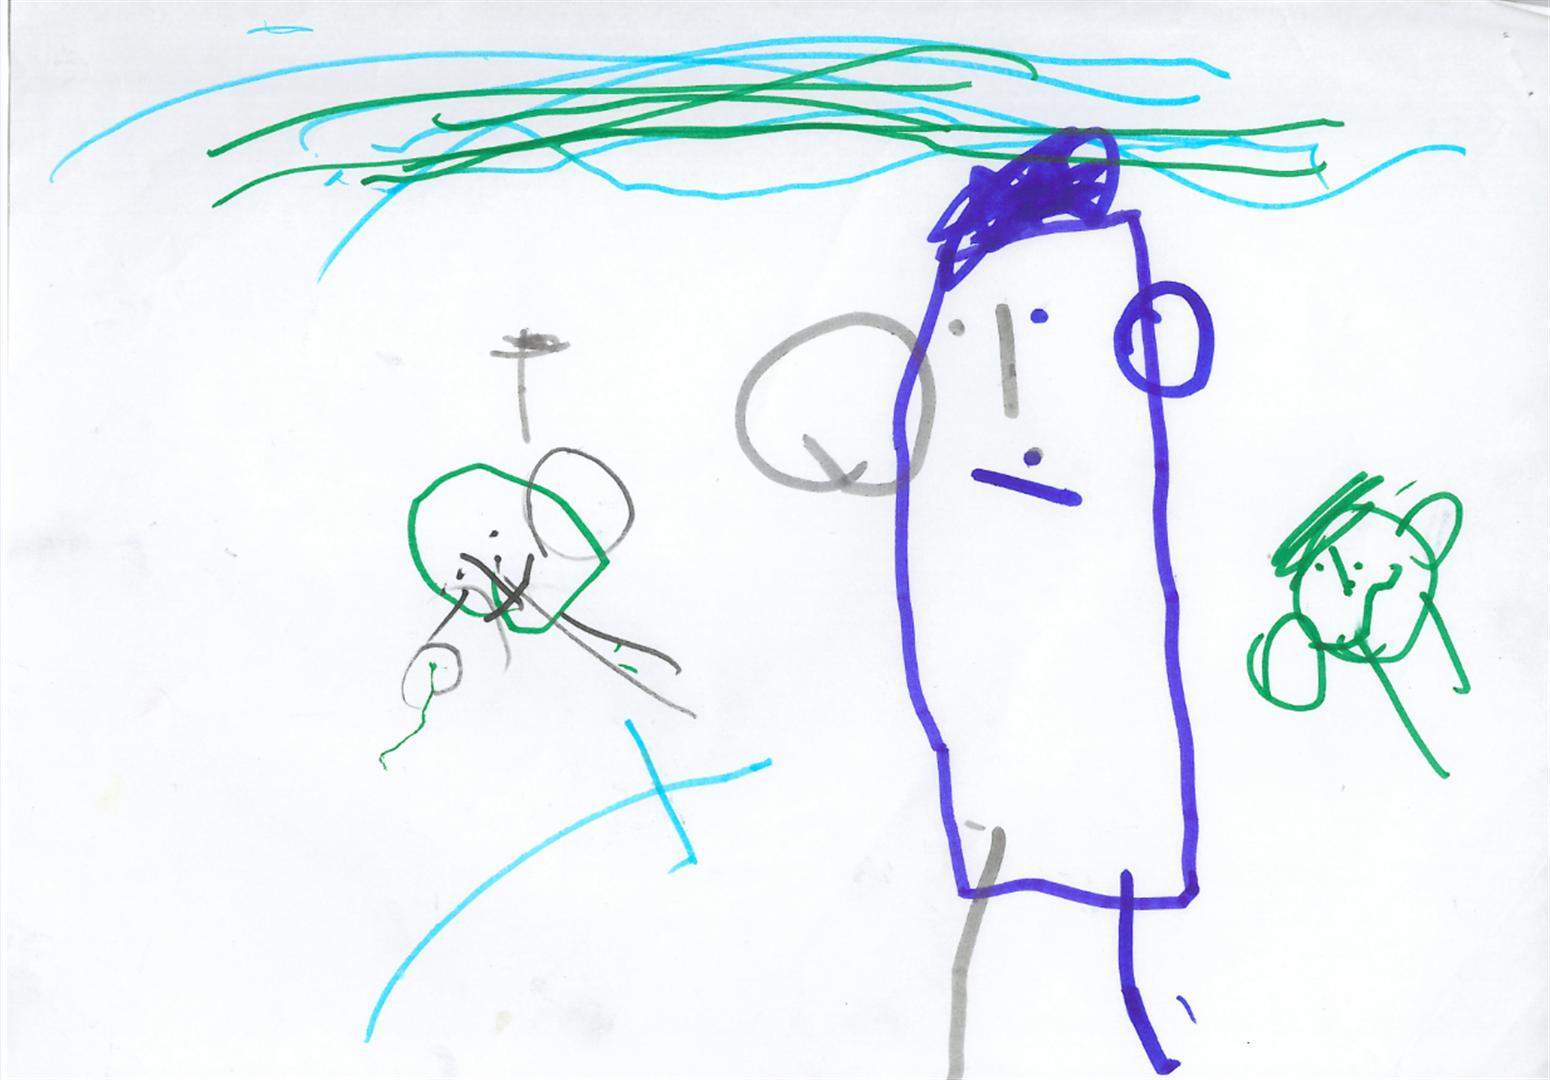 גיל הילד הוא פרמטר (צילום: אלבום פרטי)